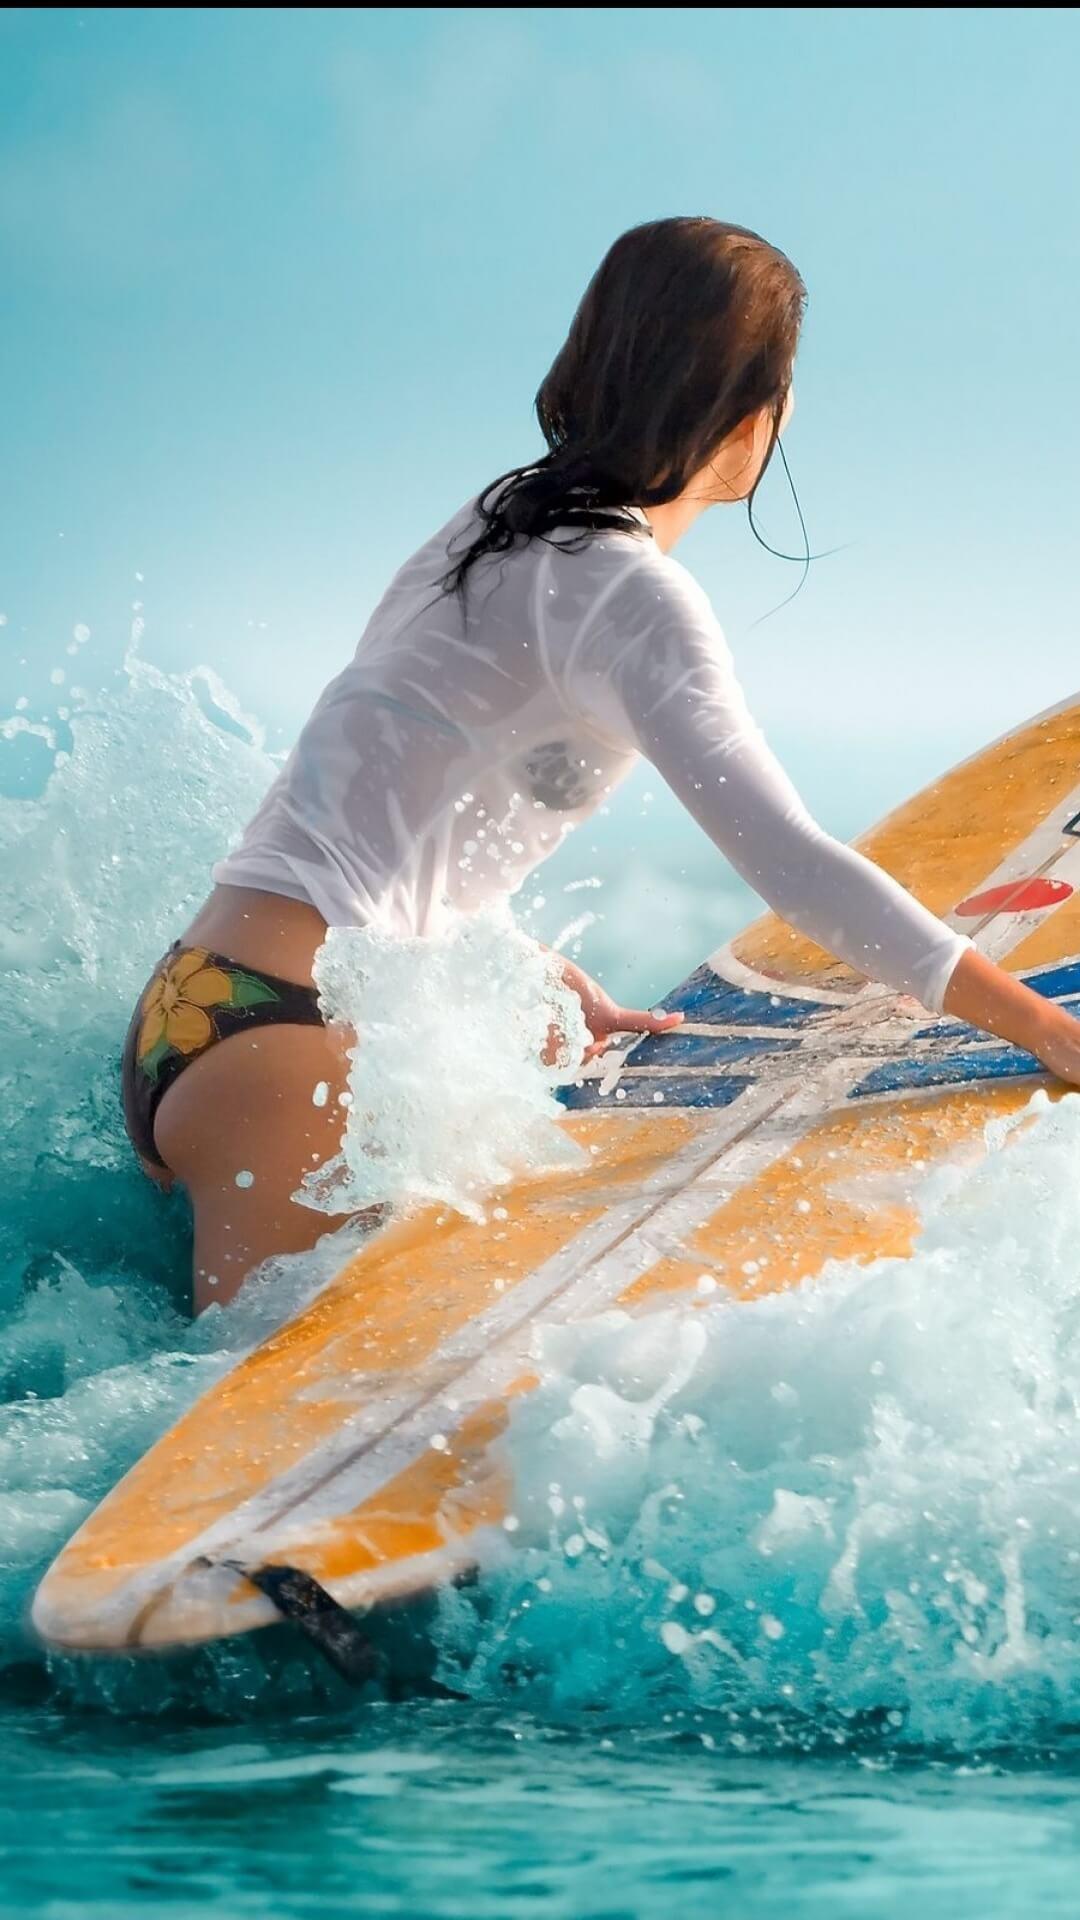 Half Naked Surfer iPhone Wallpaper. Download